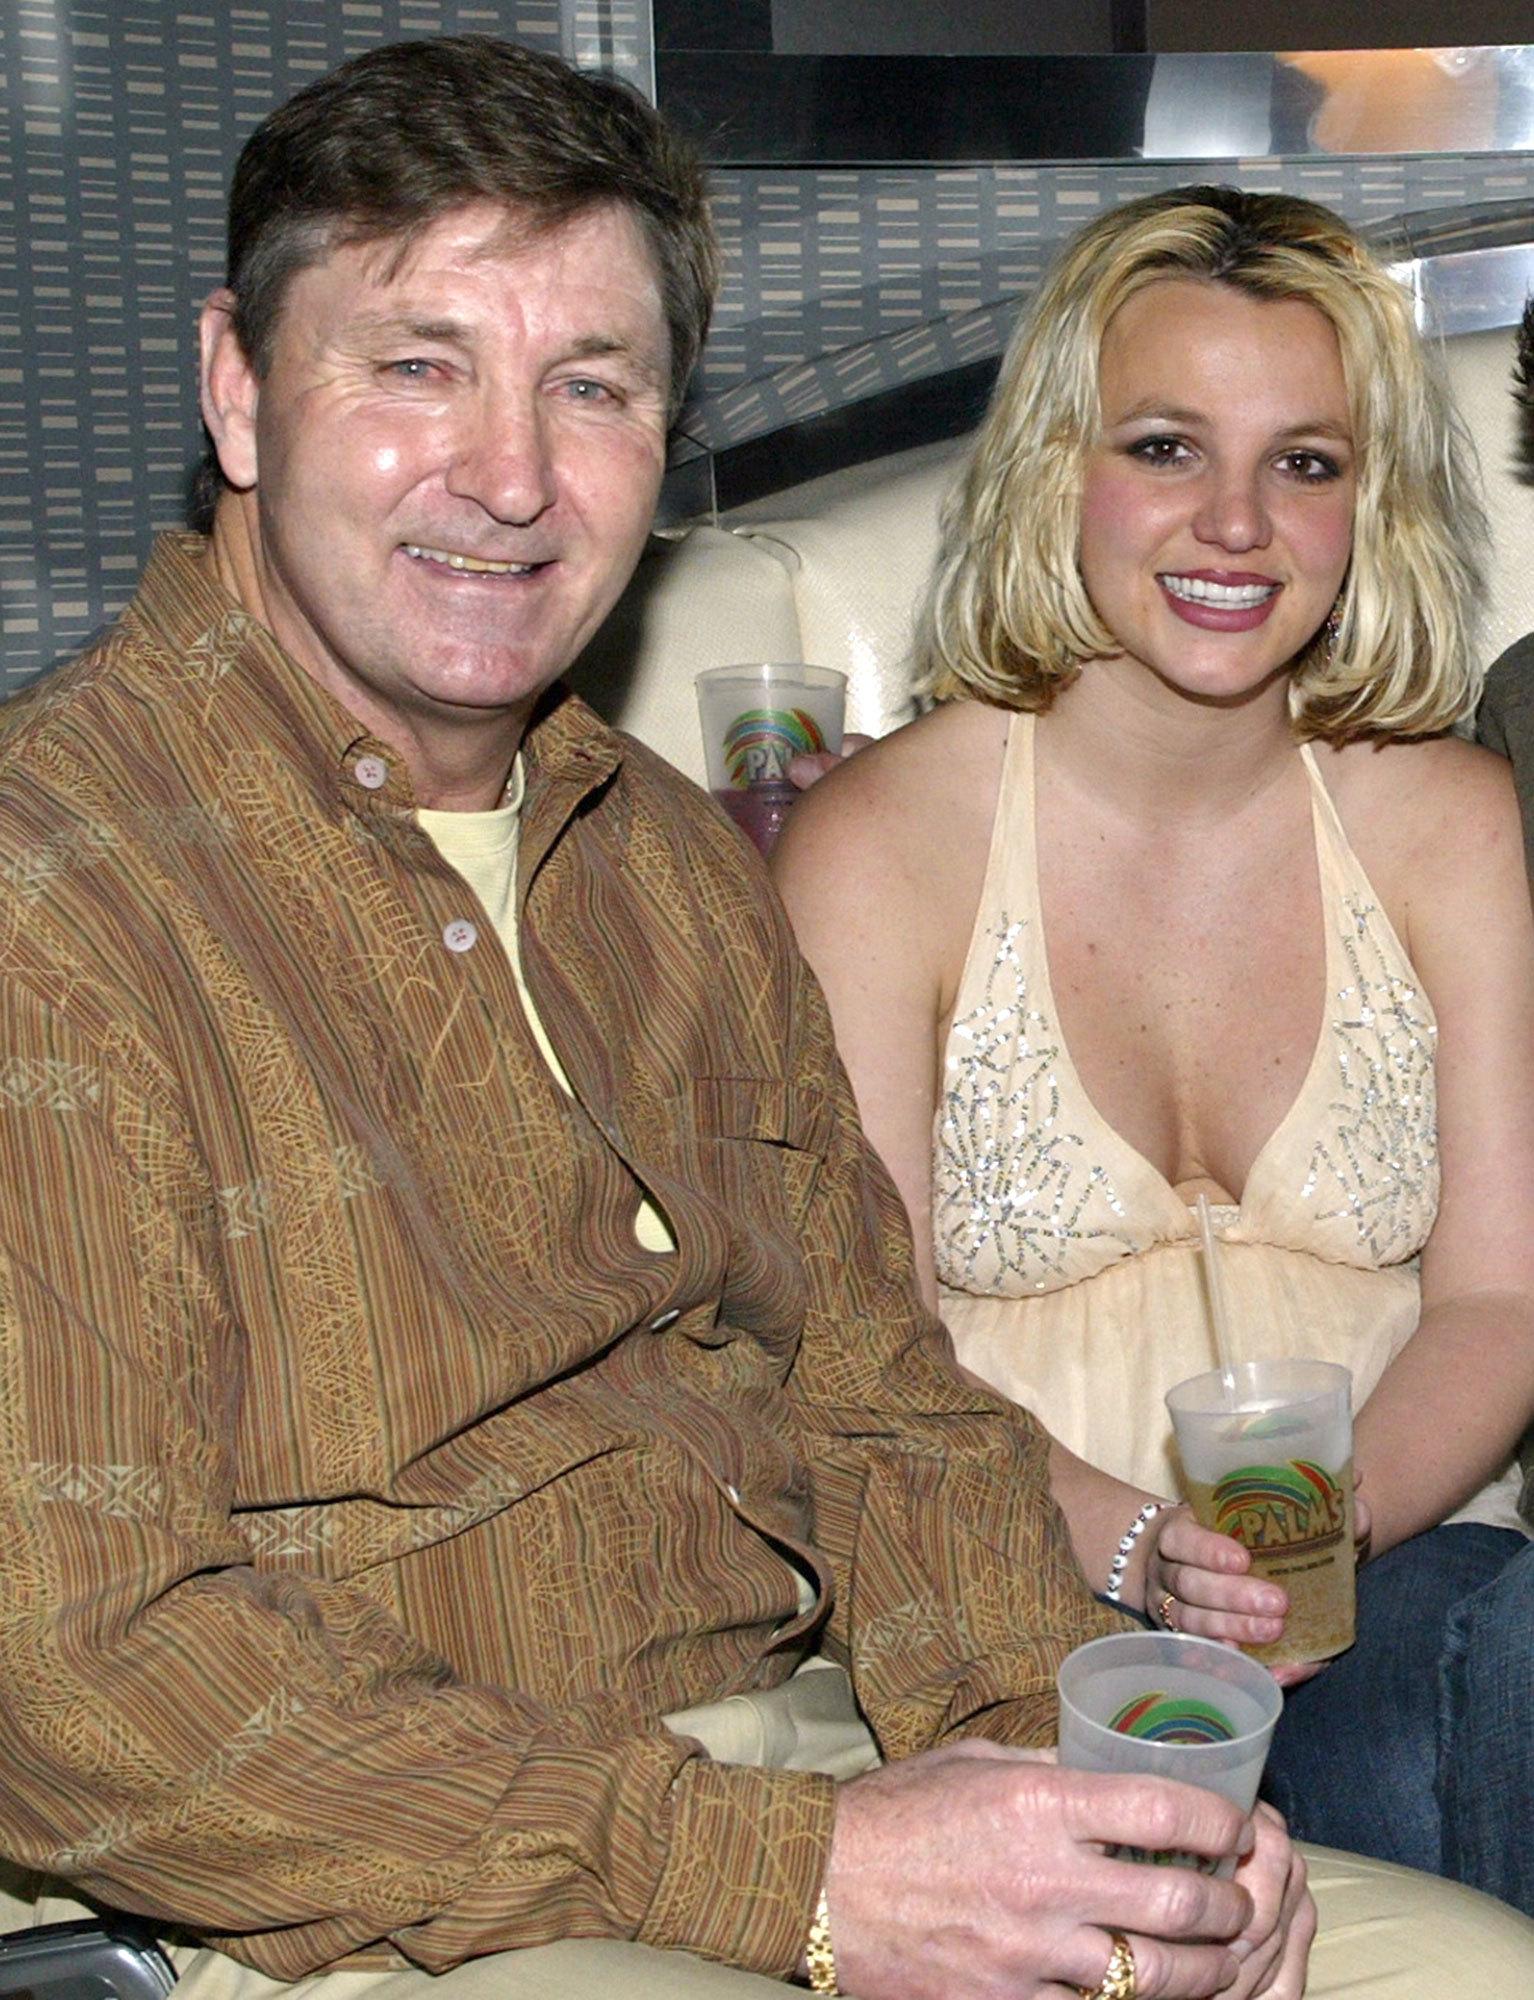 Hollywood chấn động khi Britney Spears khai 'sống như nô lệ' tại tòa